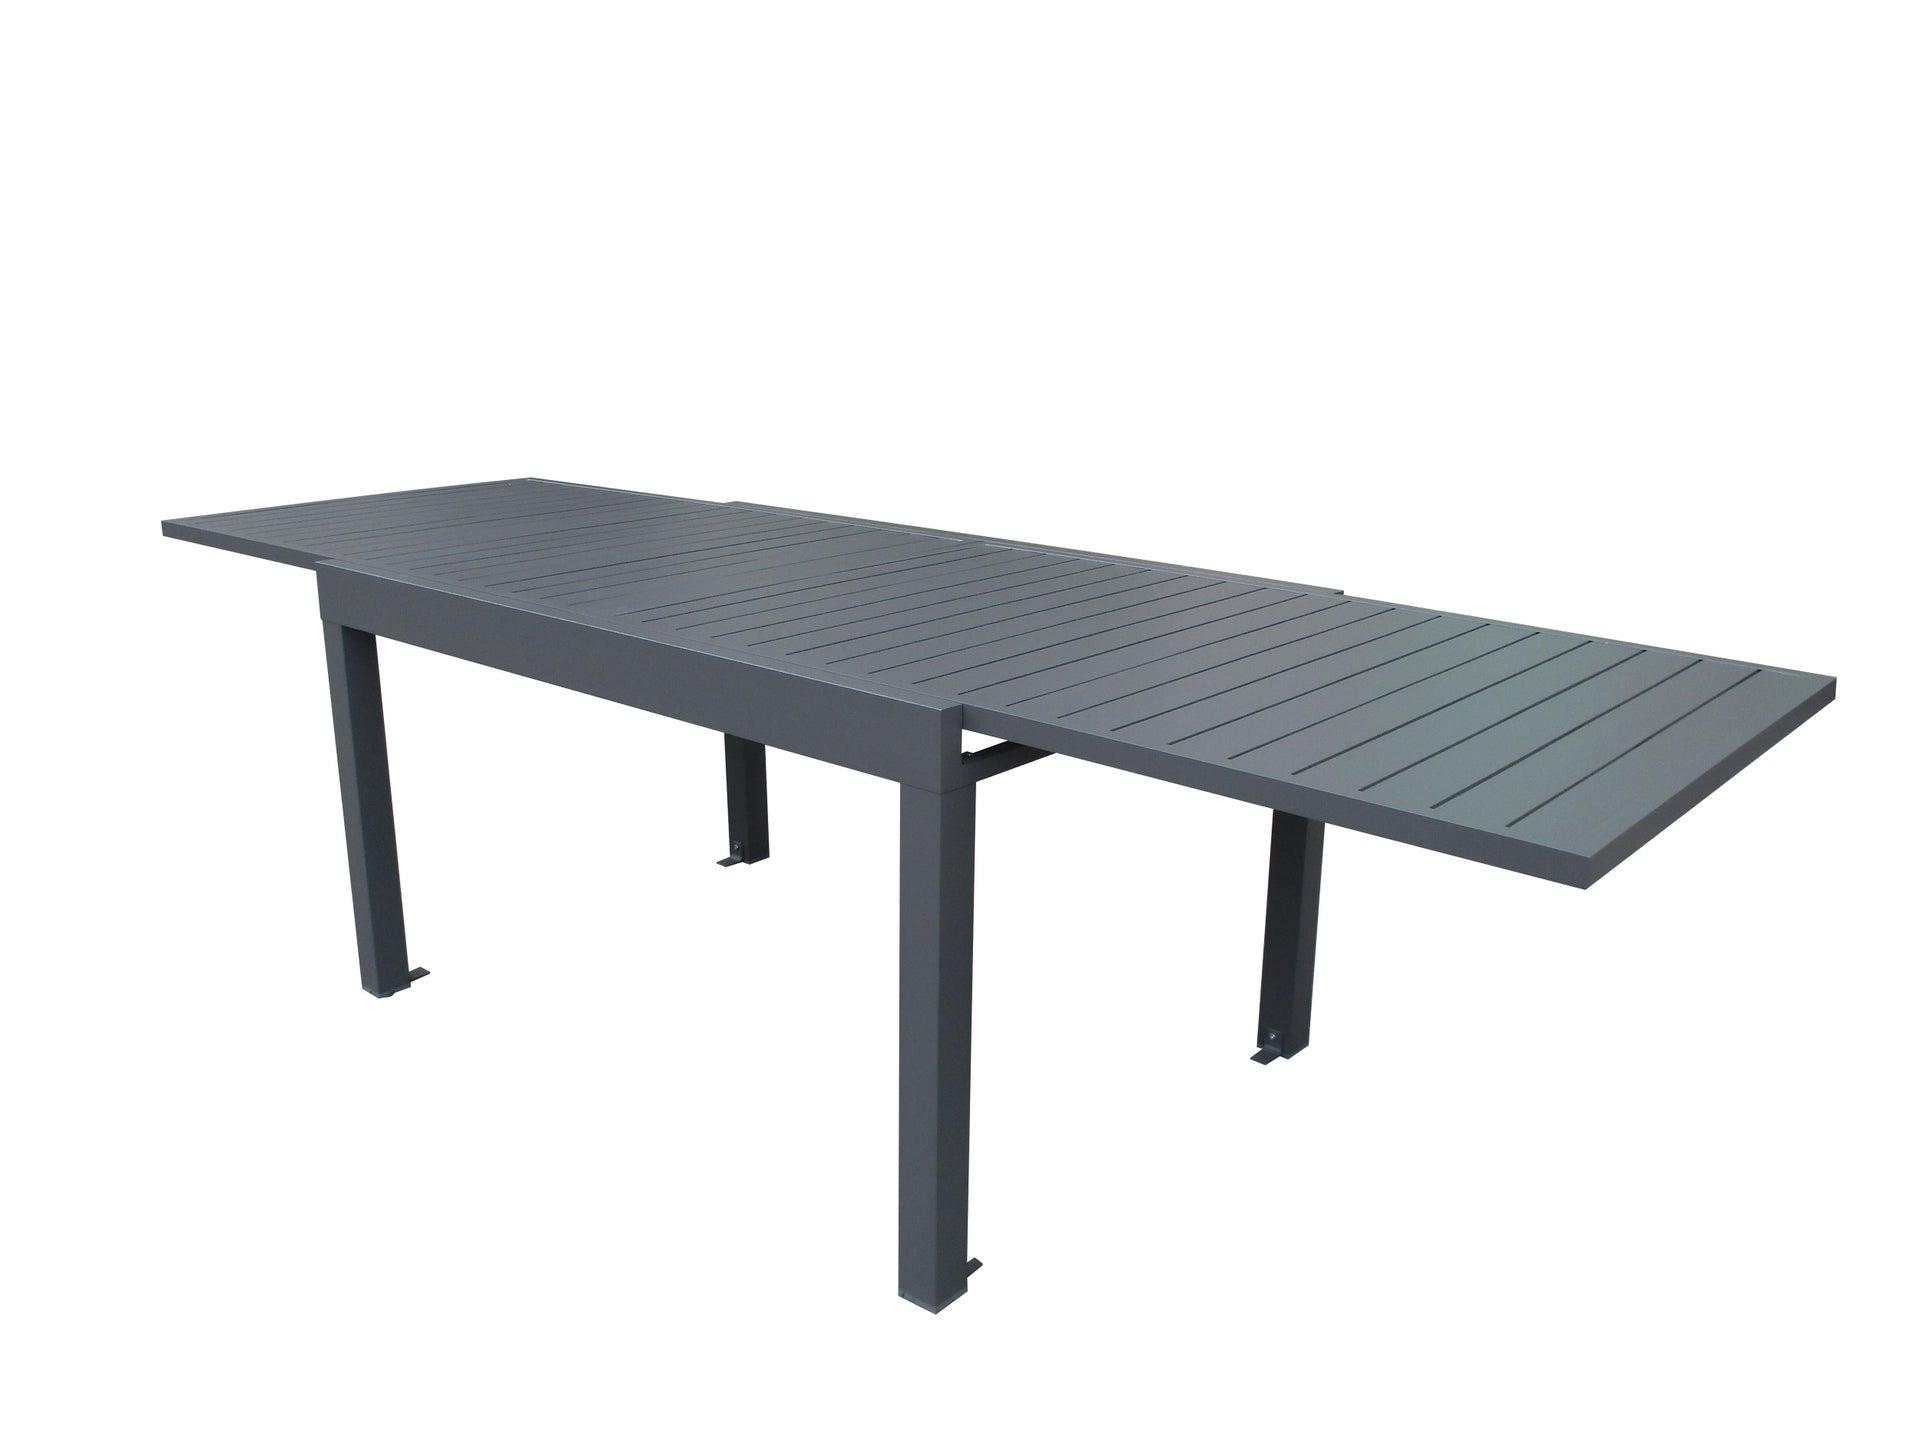 Tavolo da giardino allungabile rettangolare Lisbon con piano in alluminio L 135/270 x P 90 cm - 15